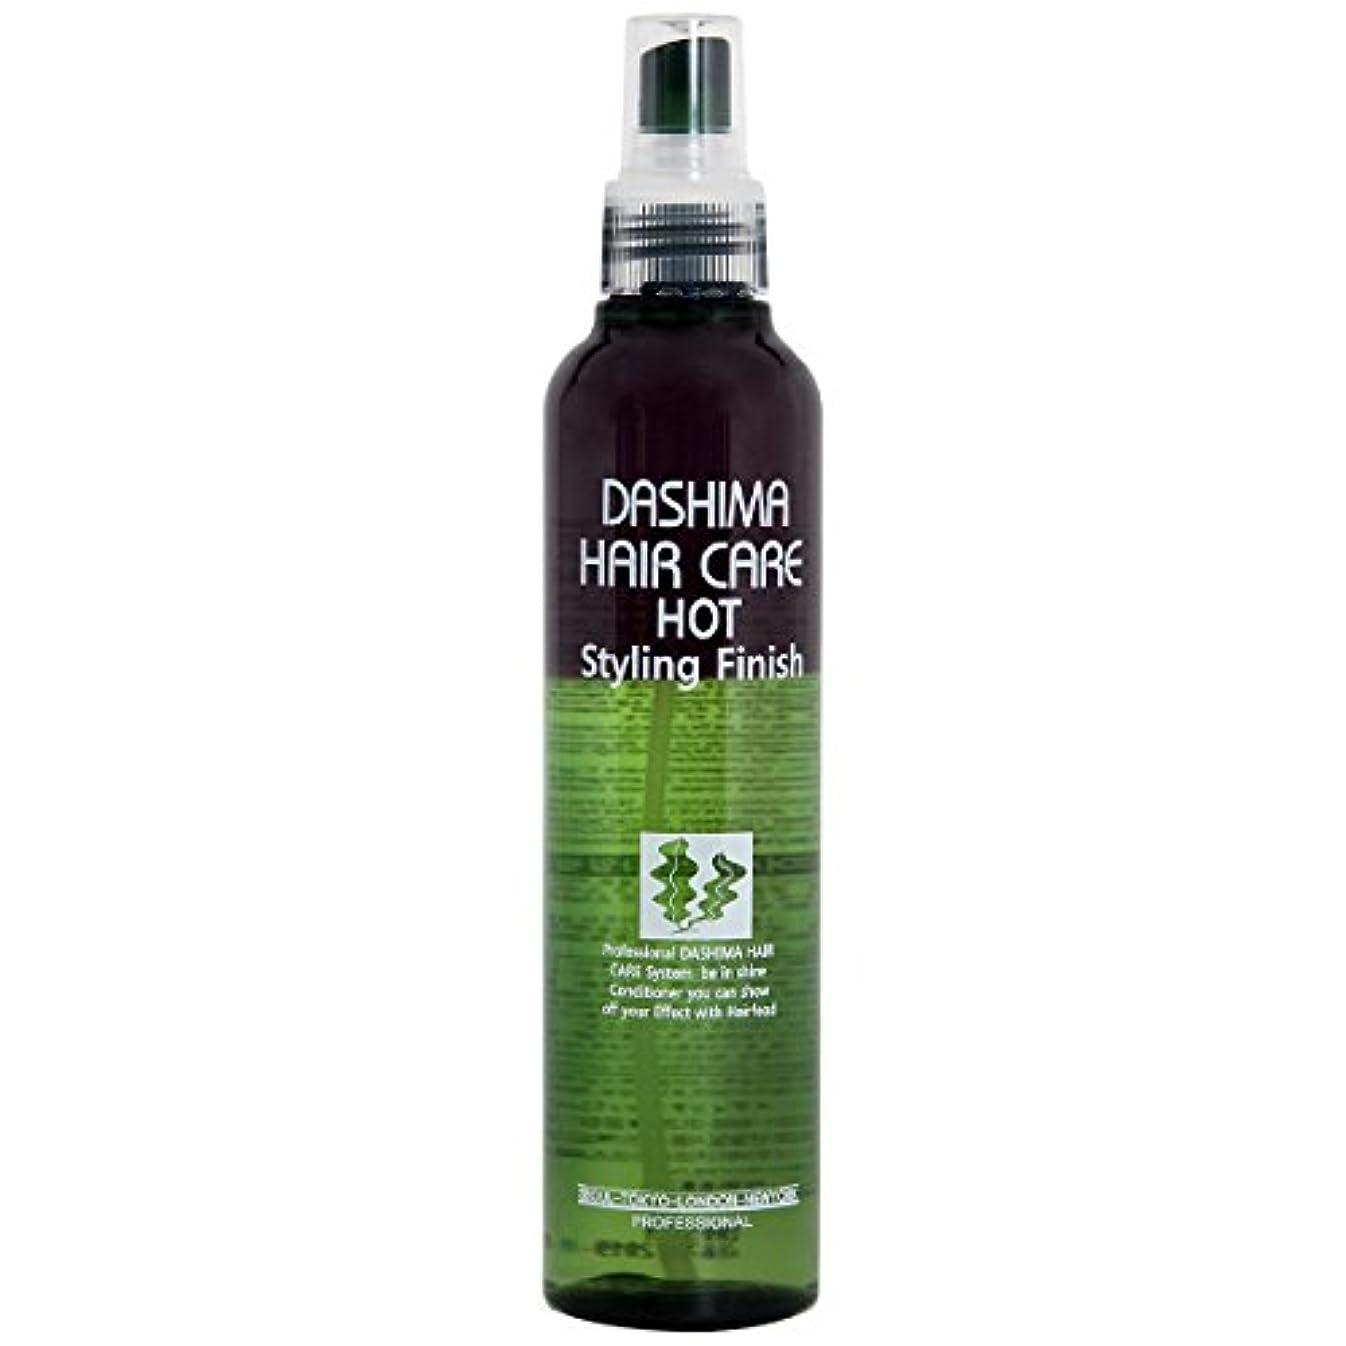 ダシマヘアケアハッスタイルリングピニスィ250ml(DASHIMA HAIR CARE Hot Styling Finish 250ml)